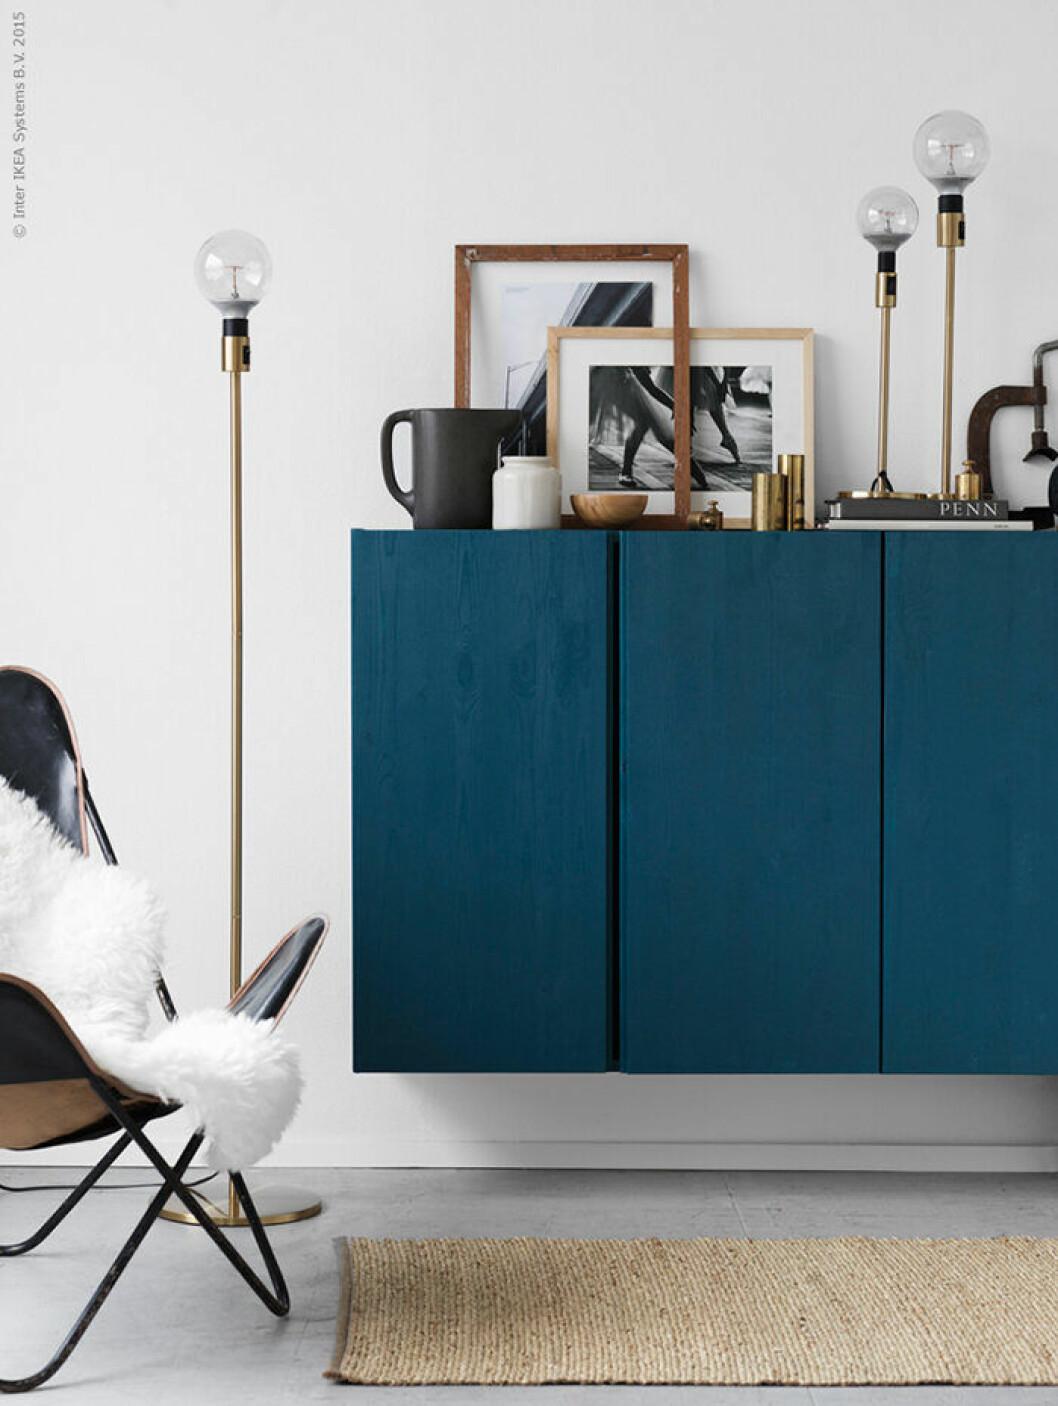 Ivar-skåp från Ikea målade i petroleum, en av 2019 års trendfärger